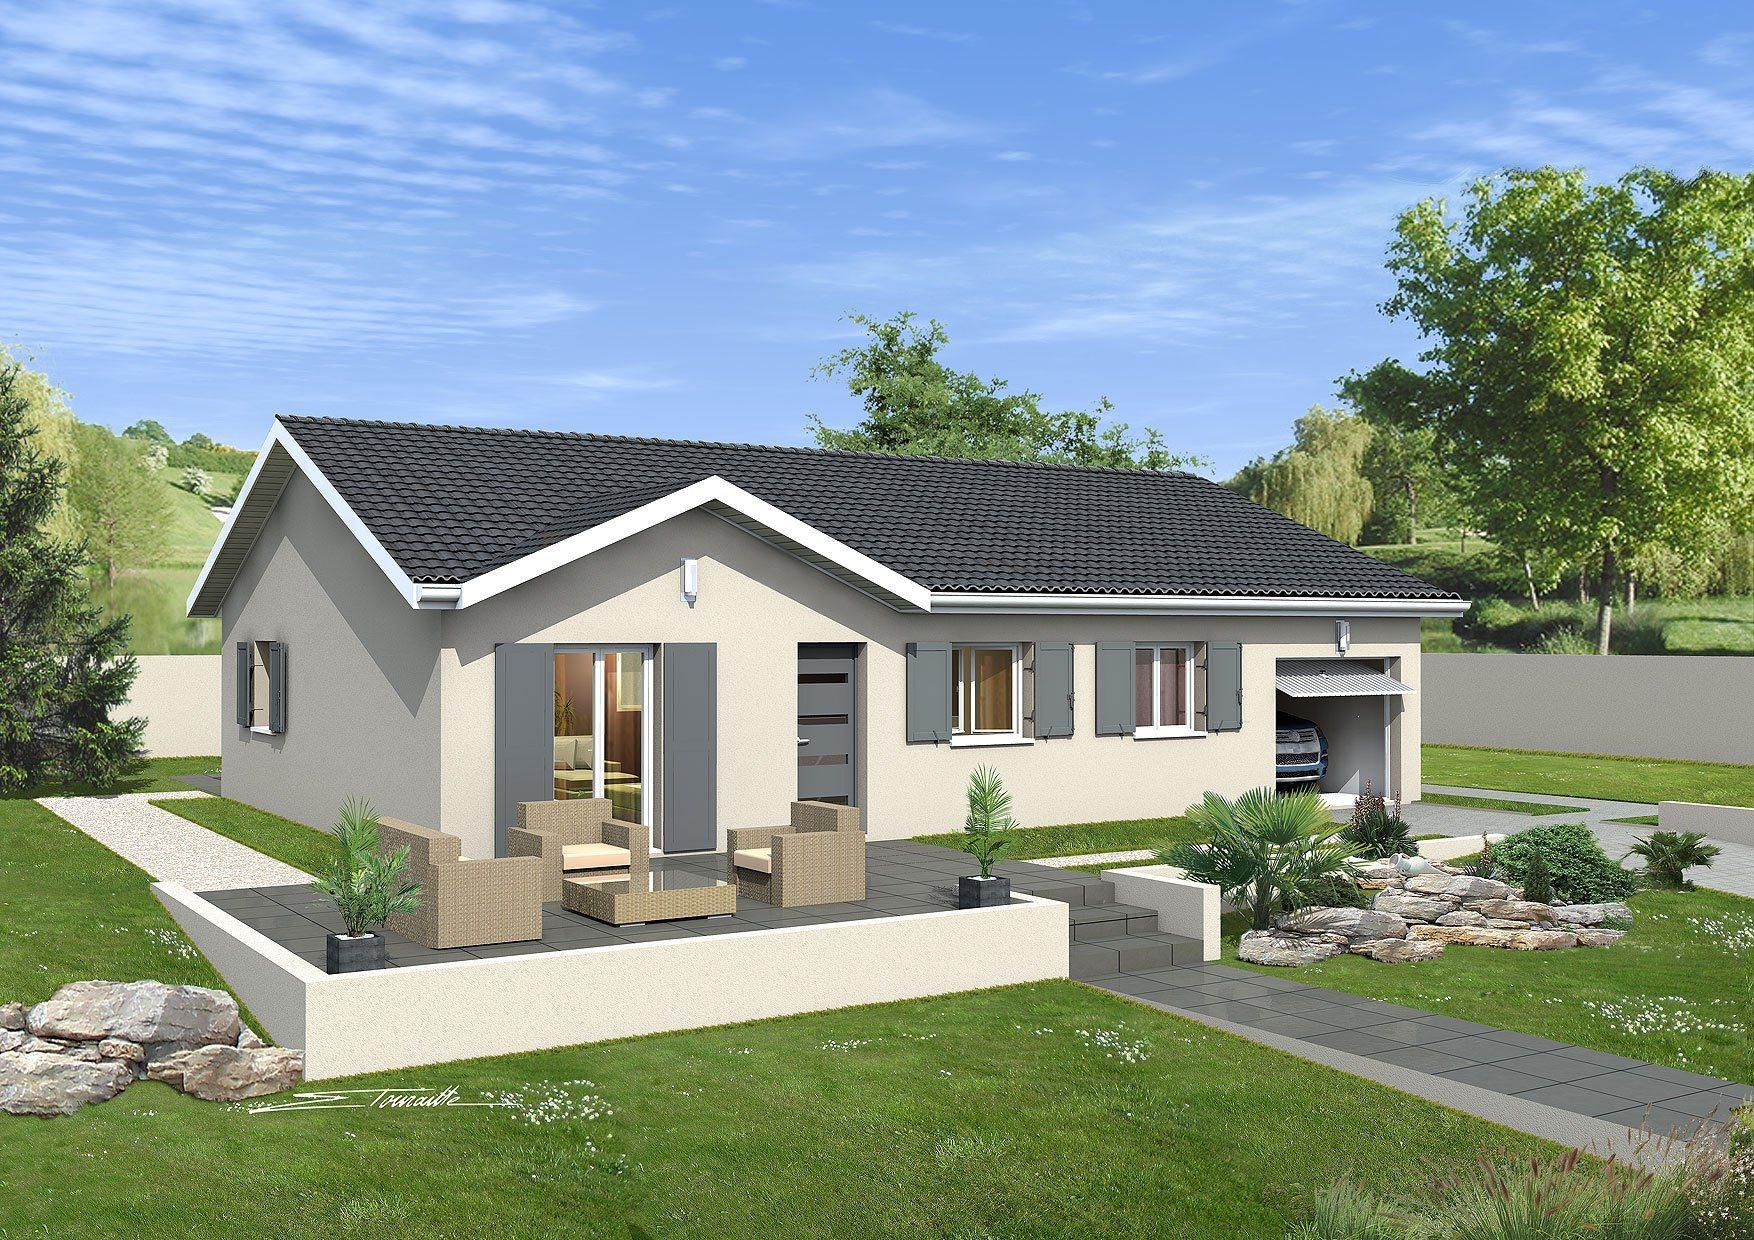 Maisons + Terrains du constructeur MAISONS PUNCH • 100 m² • CUISERY